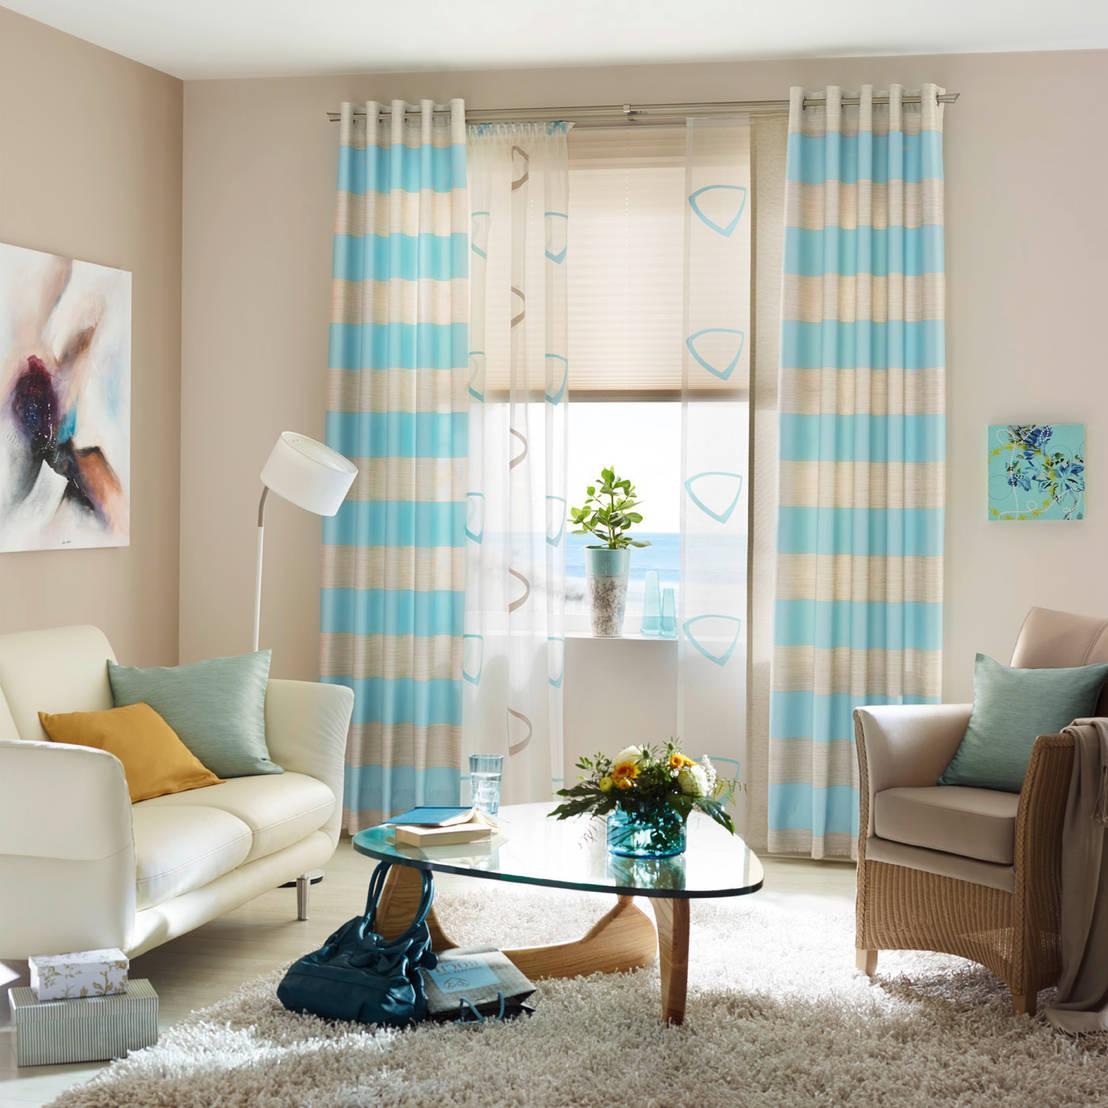 Salones peque os 5 trucos de decoraci n - Trucos decoracion ...